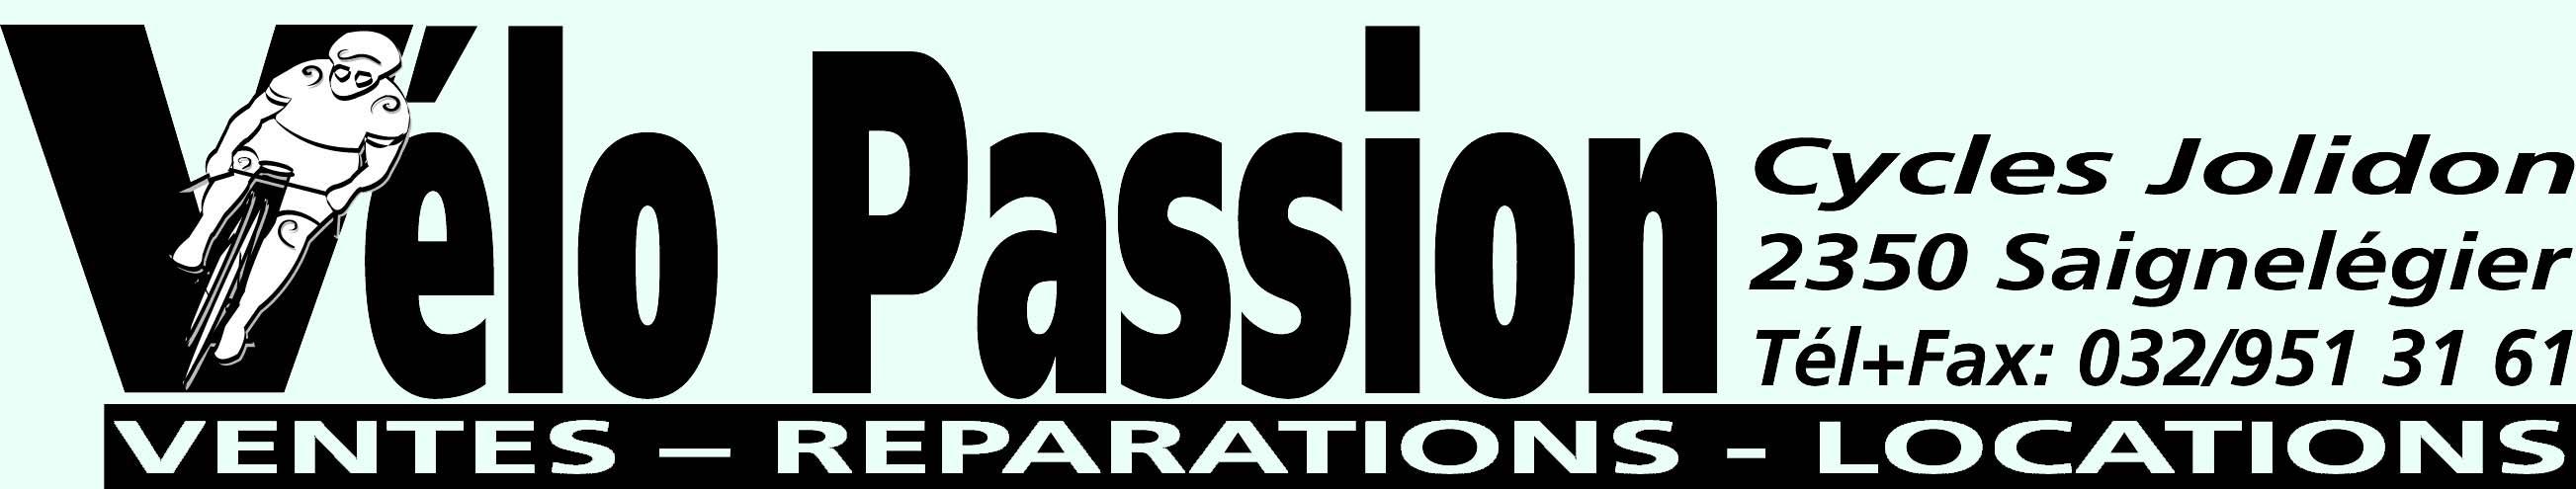 Logo Velopassion